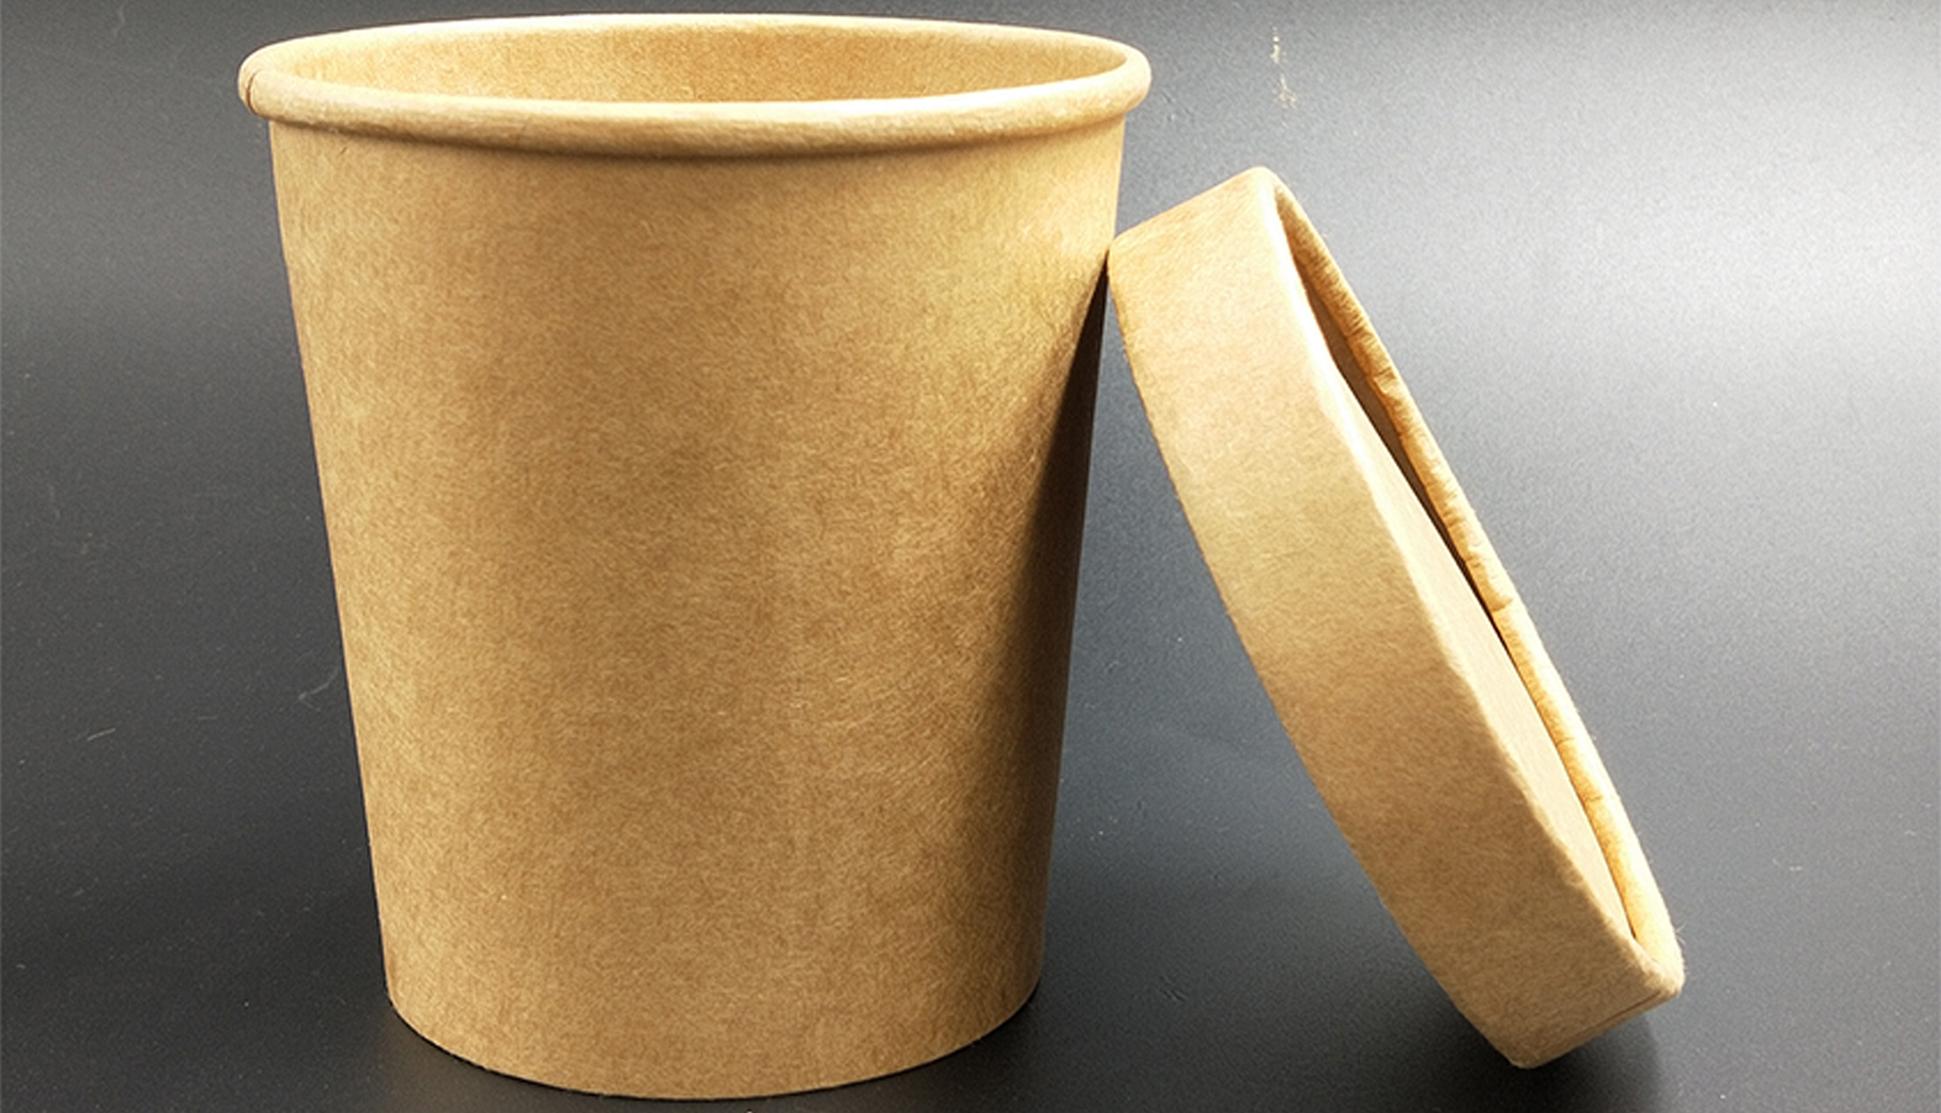 福建牛皮汤碗材质不同分类也不同